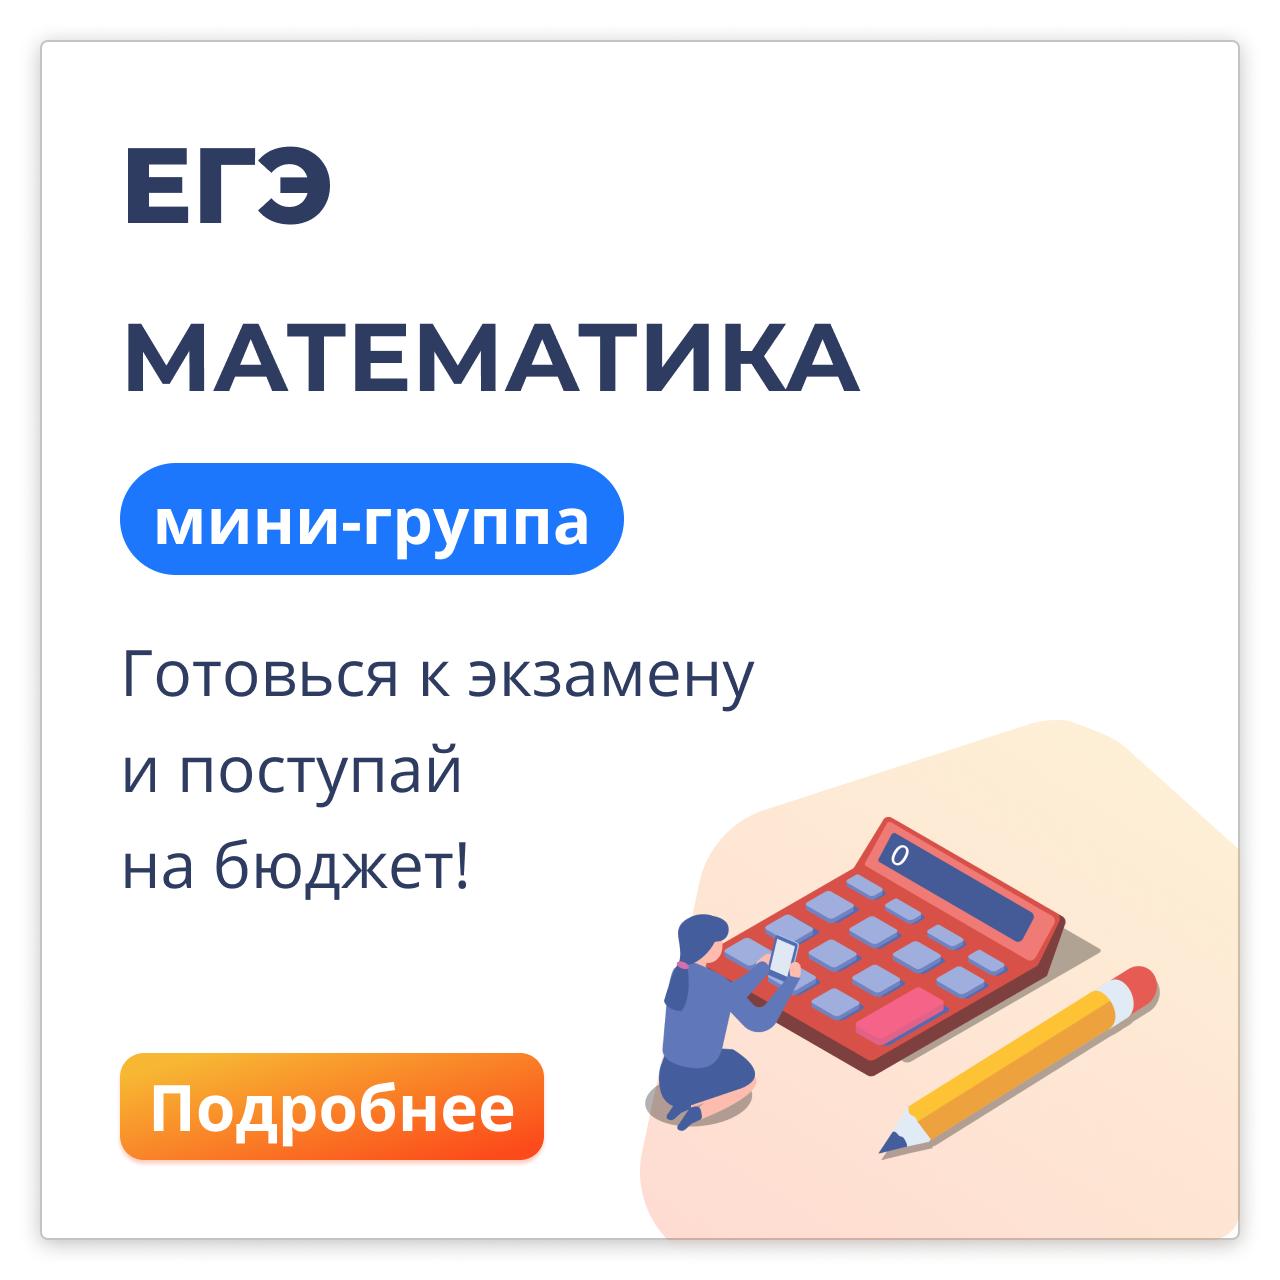 Математика ЕГЭ (Профильный уровень) Онлайн Мини-группа